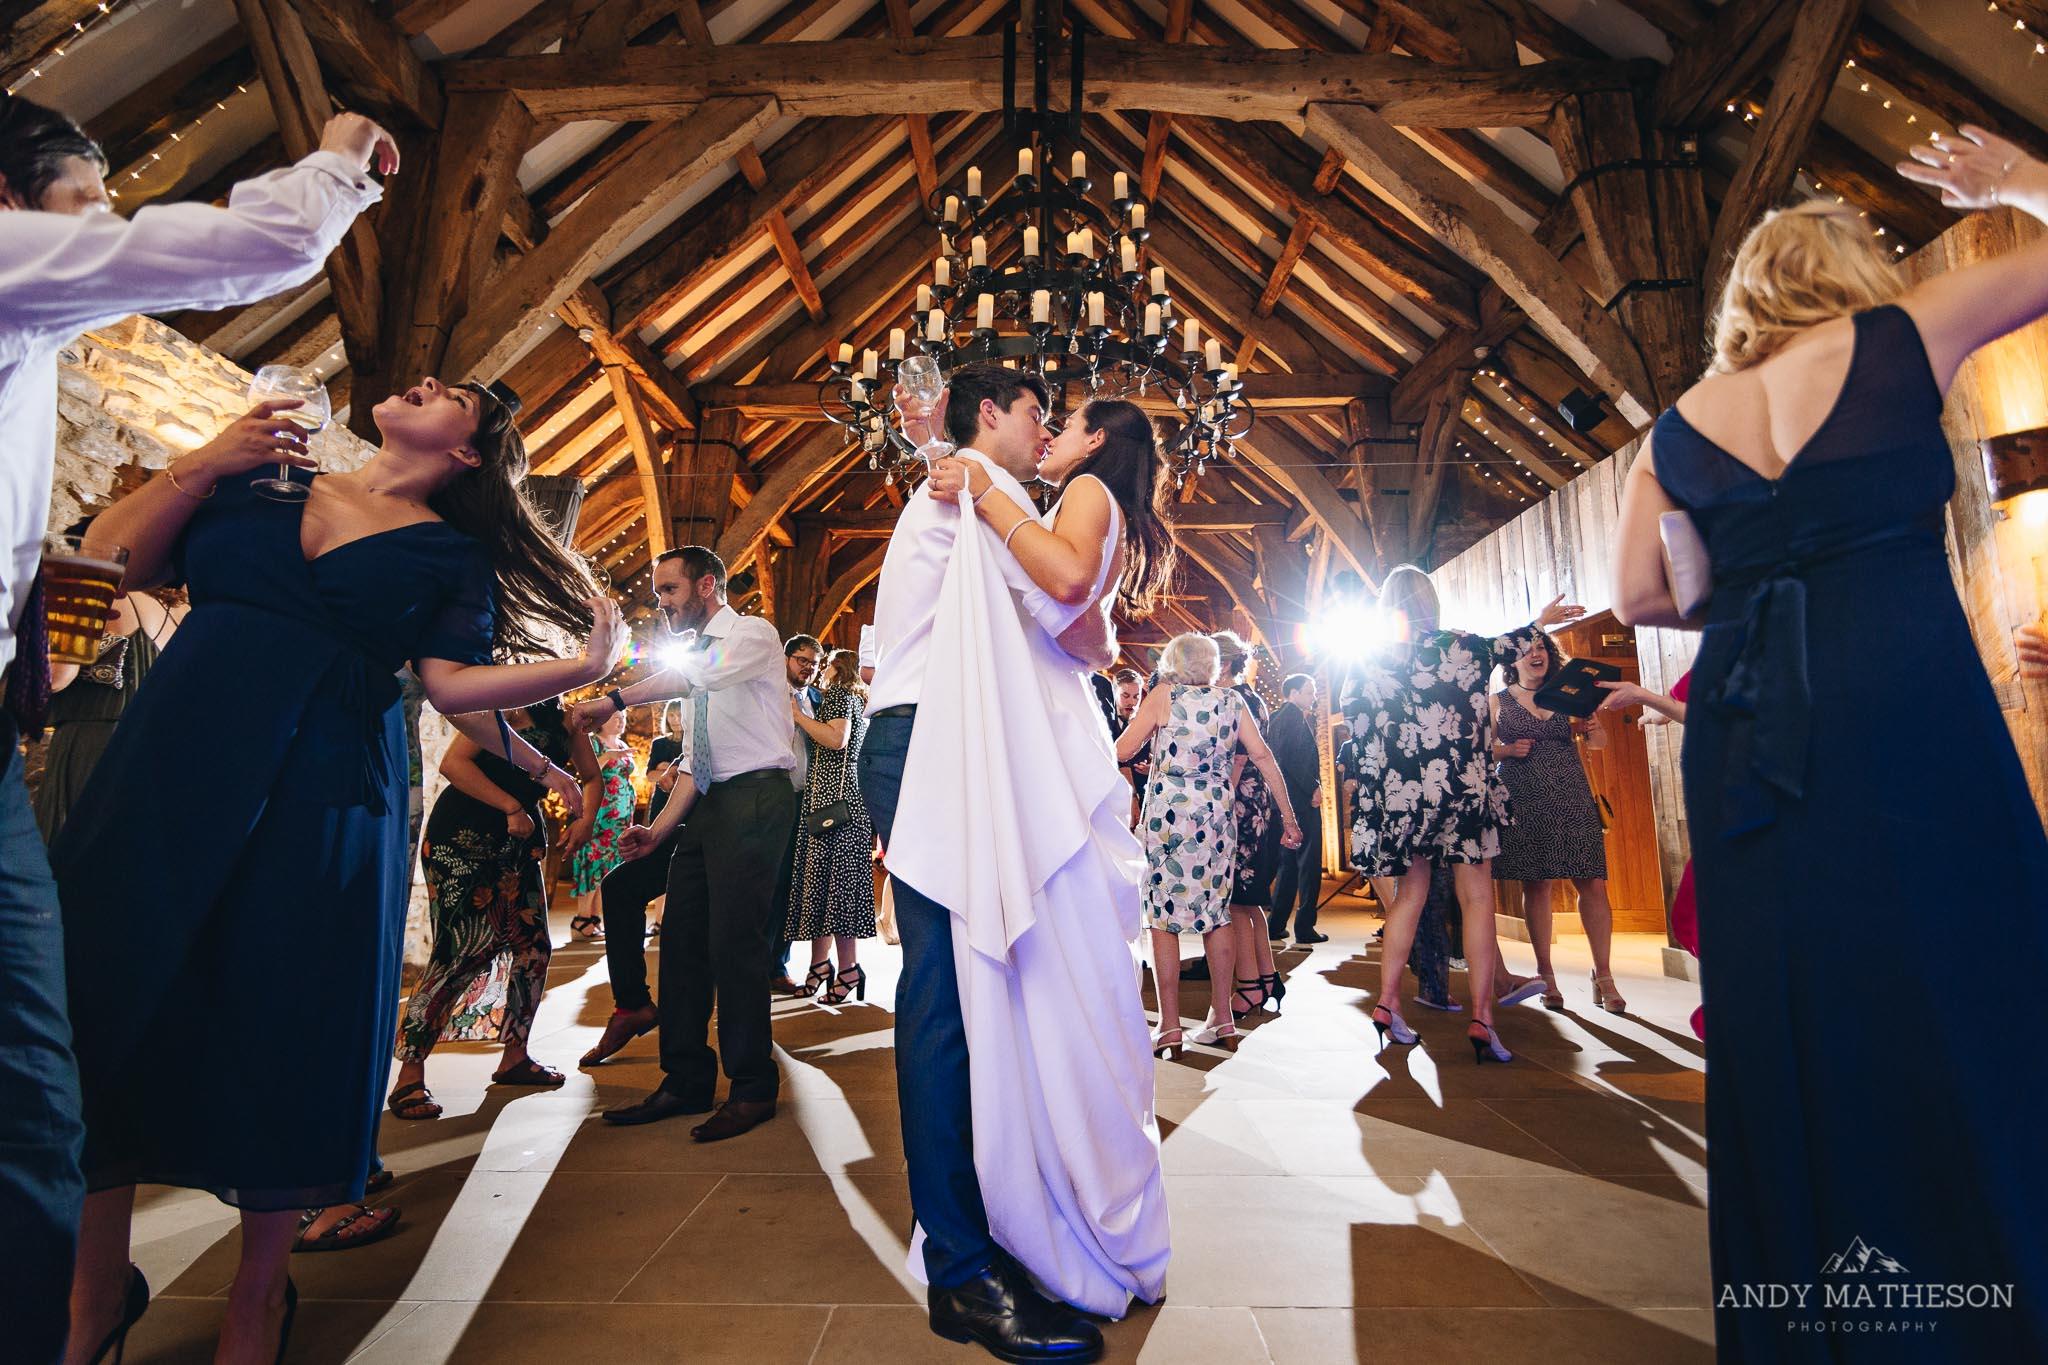 Tithe Barn Bolton Abbey Wedding Photographer_Andy Matheson_104.jpg